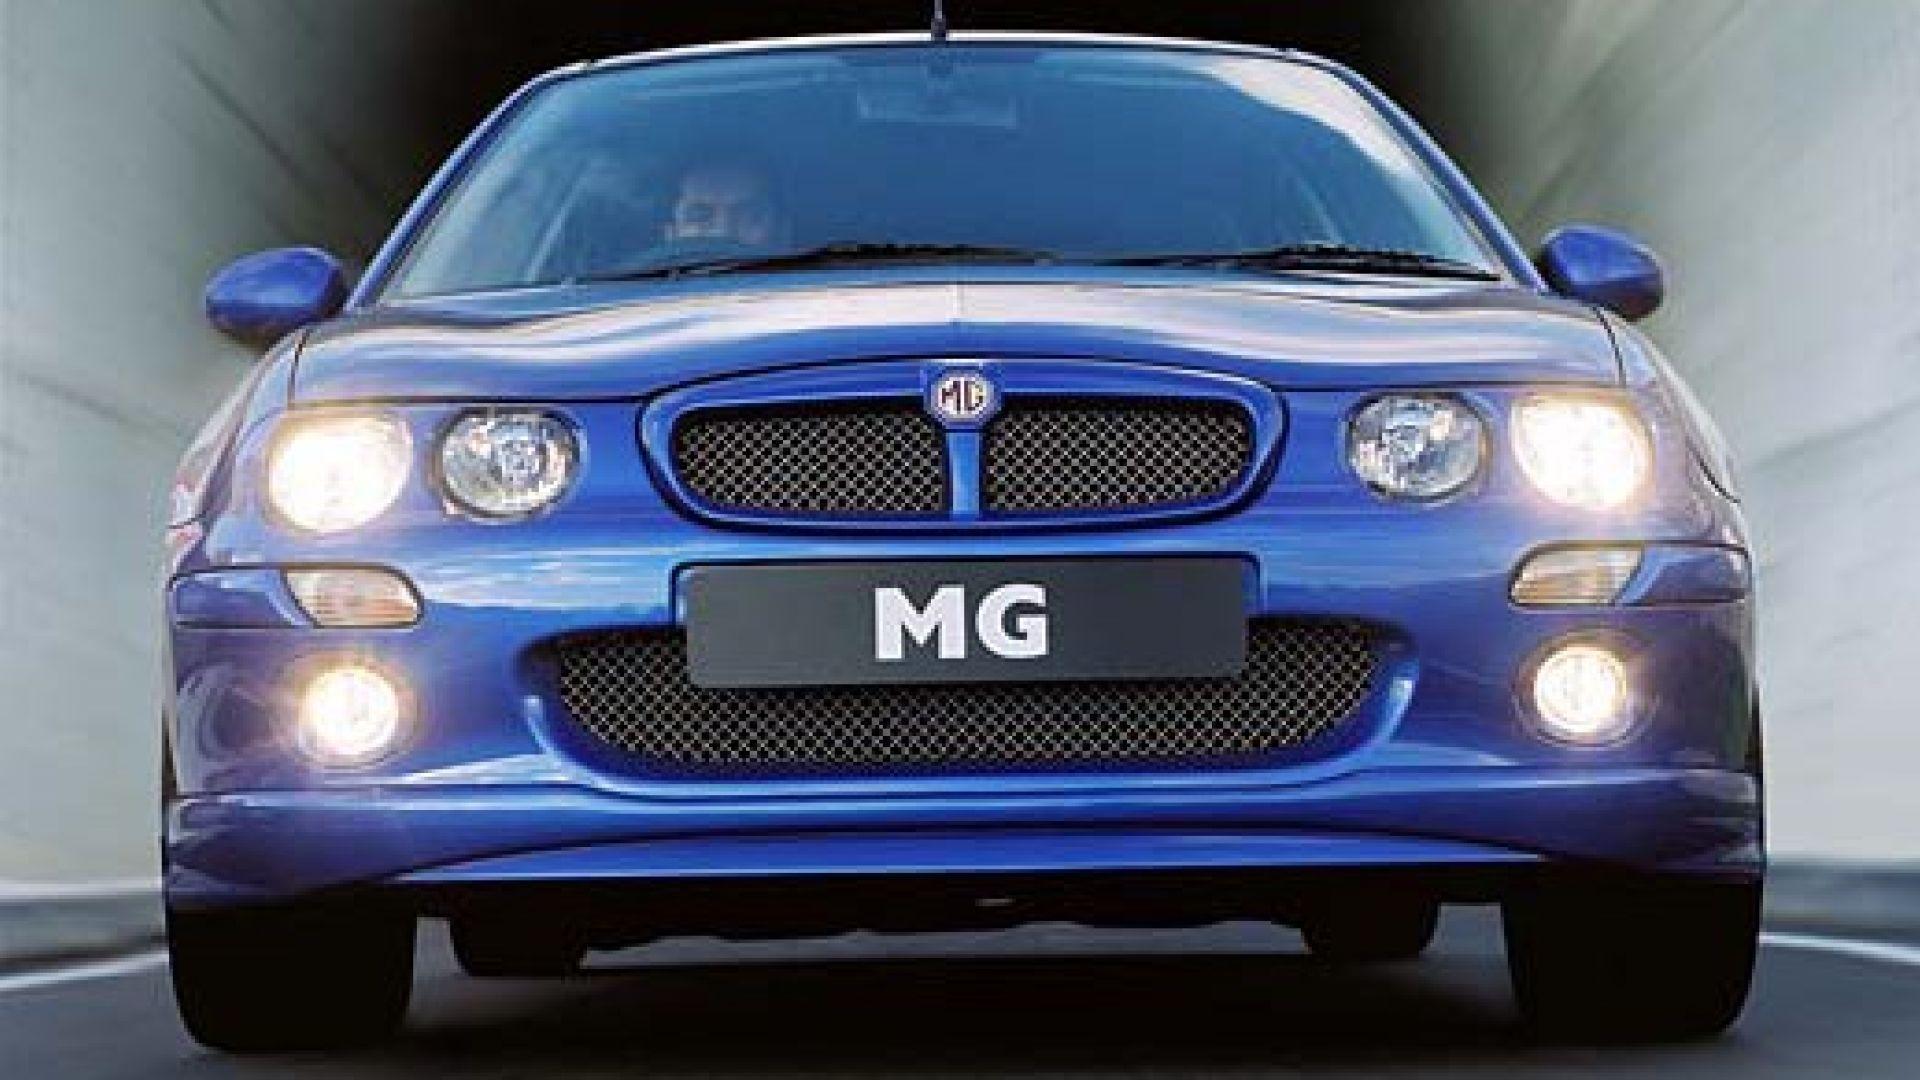 Mg Zr Td Fuse Box : Mg zr zs td motorbox